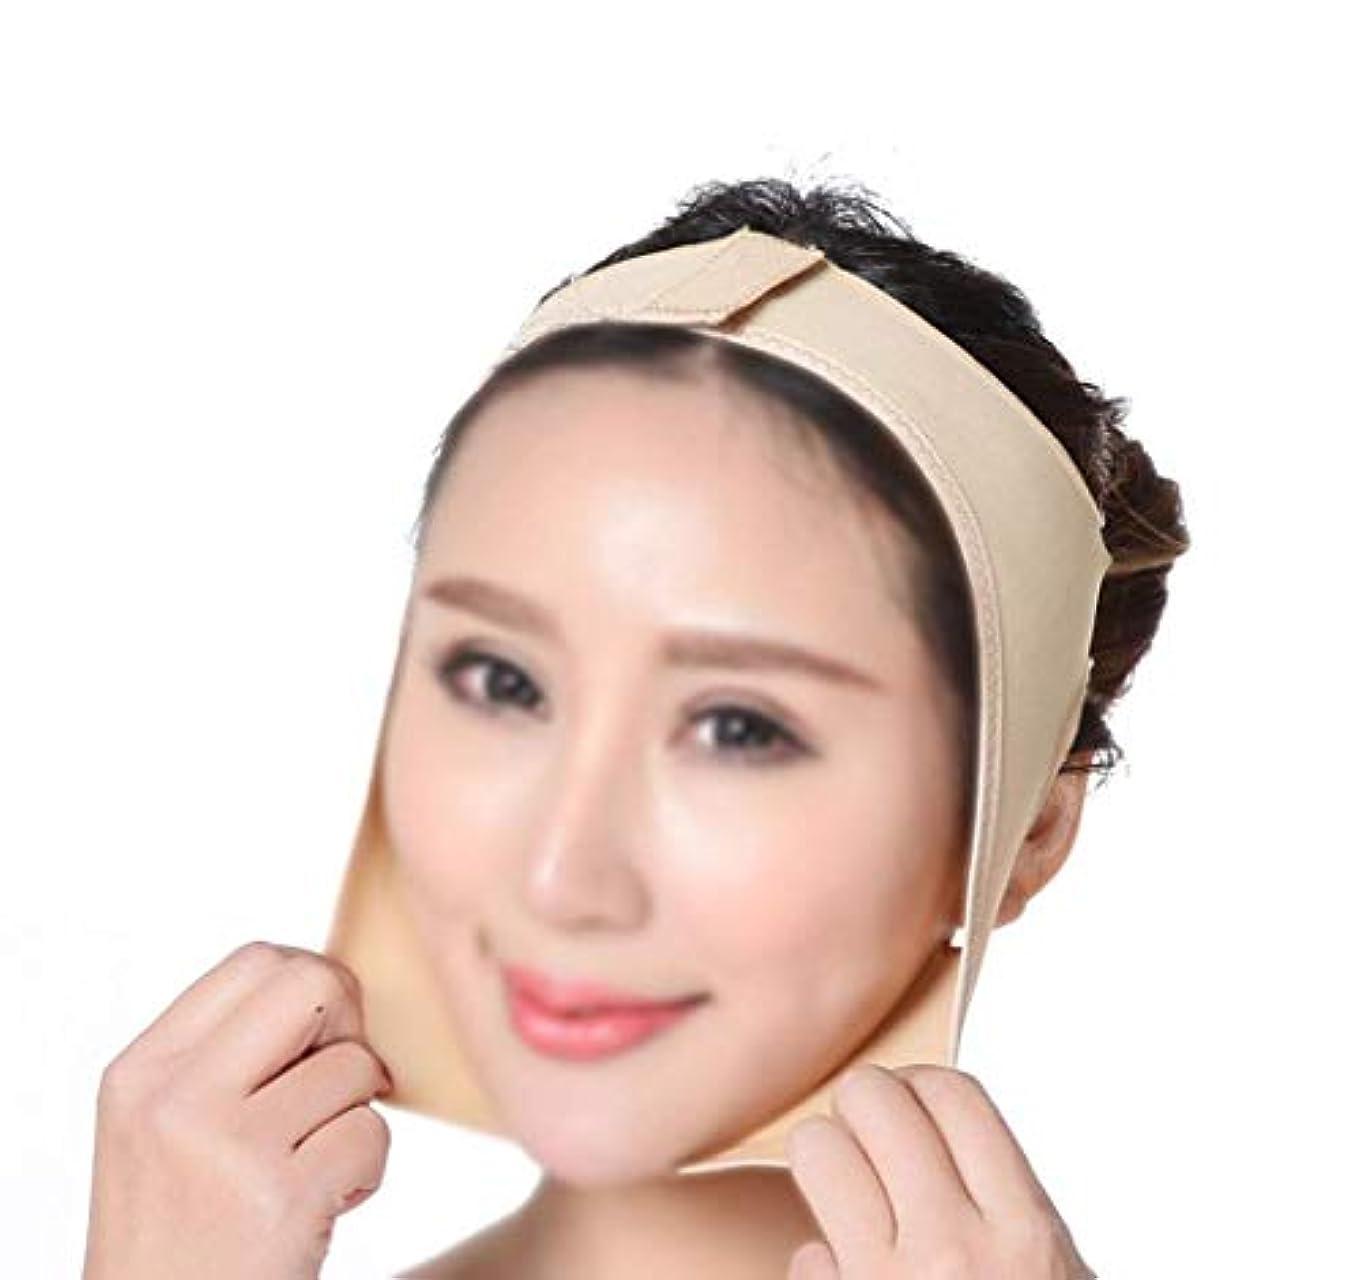 クッション鉛カテゴリーファーミングフェイスマスク、通気性フェイスバンデージVフェイスデバイススリープ薄型フェイスマスクフェイスマッサージインストゥルメントフェイスリフティングフェイスリフティングツール(サイズ:Xl)